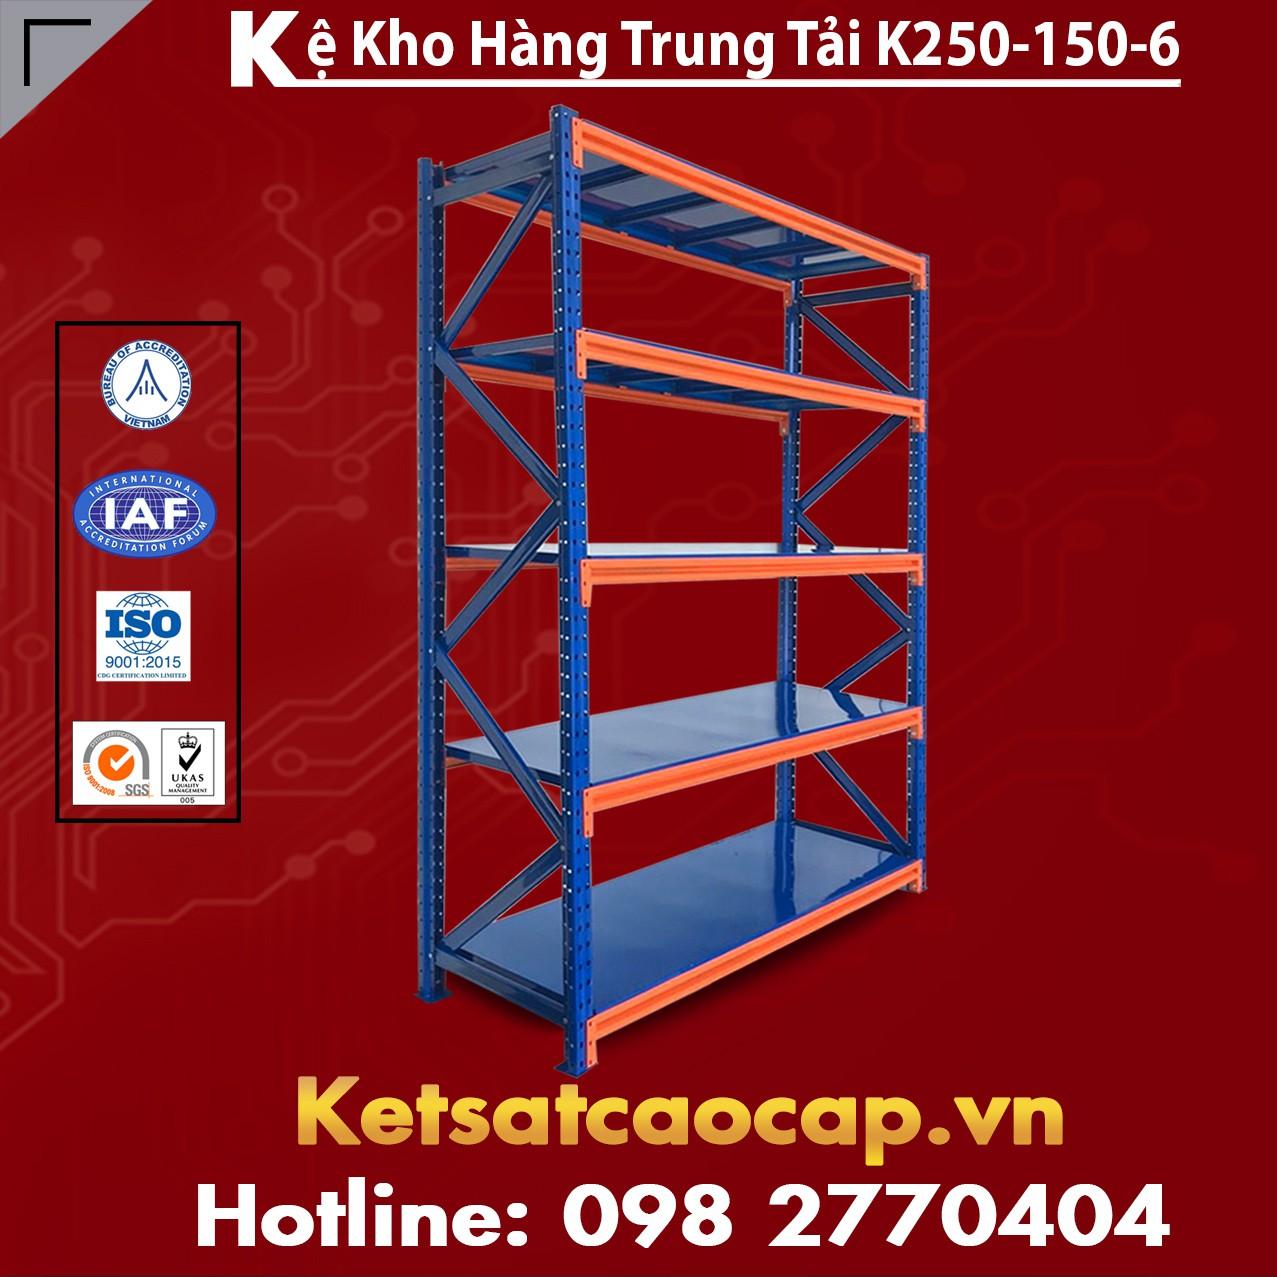 Kệ Trung Tải K250-150-6